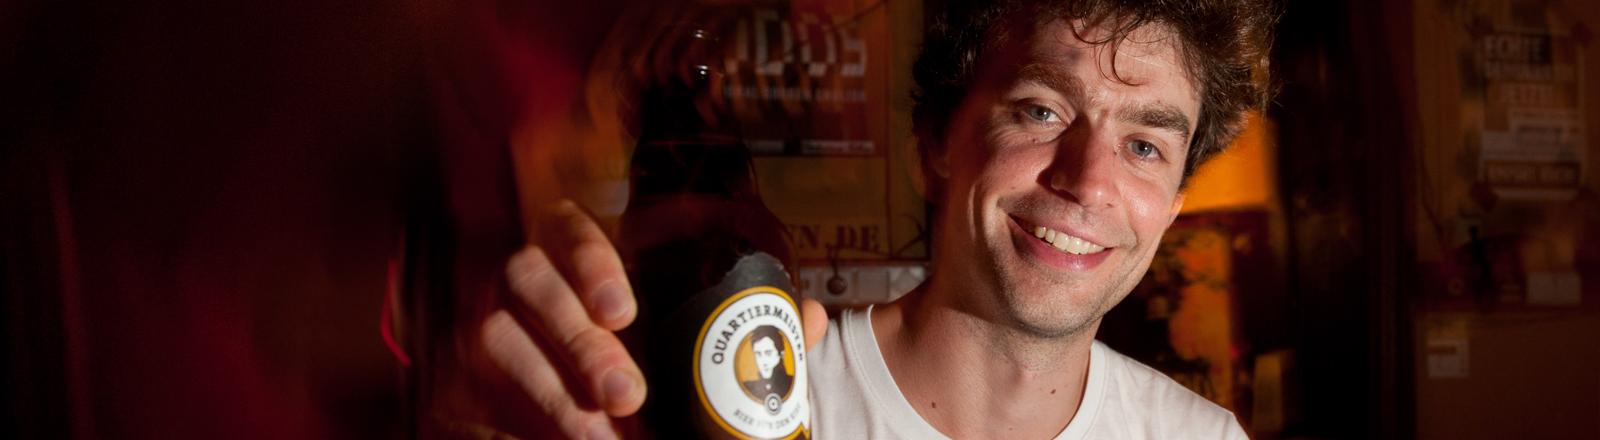 Ein Mann in einer Kneipe hält ein Bier lächelnd in die Kamera